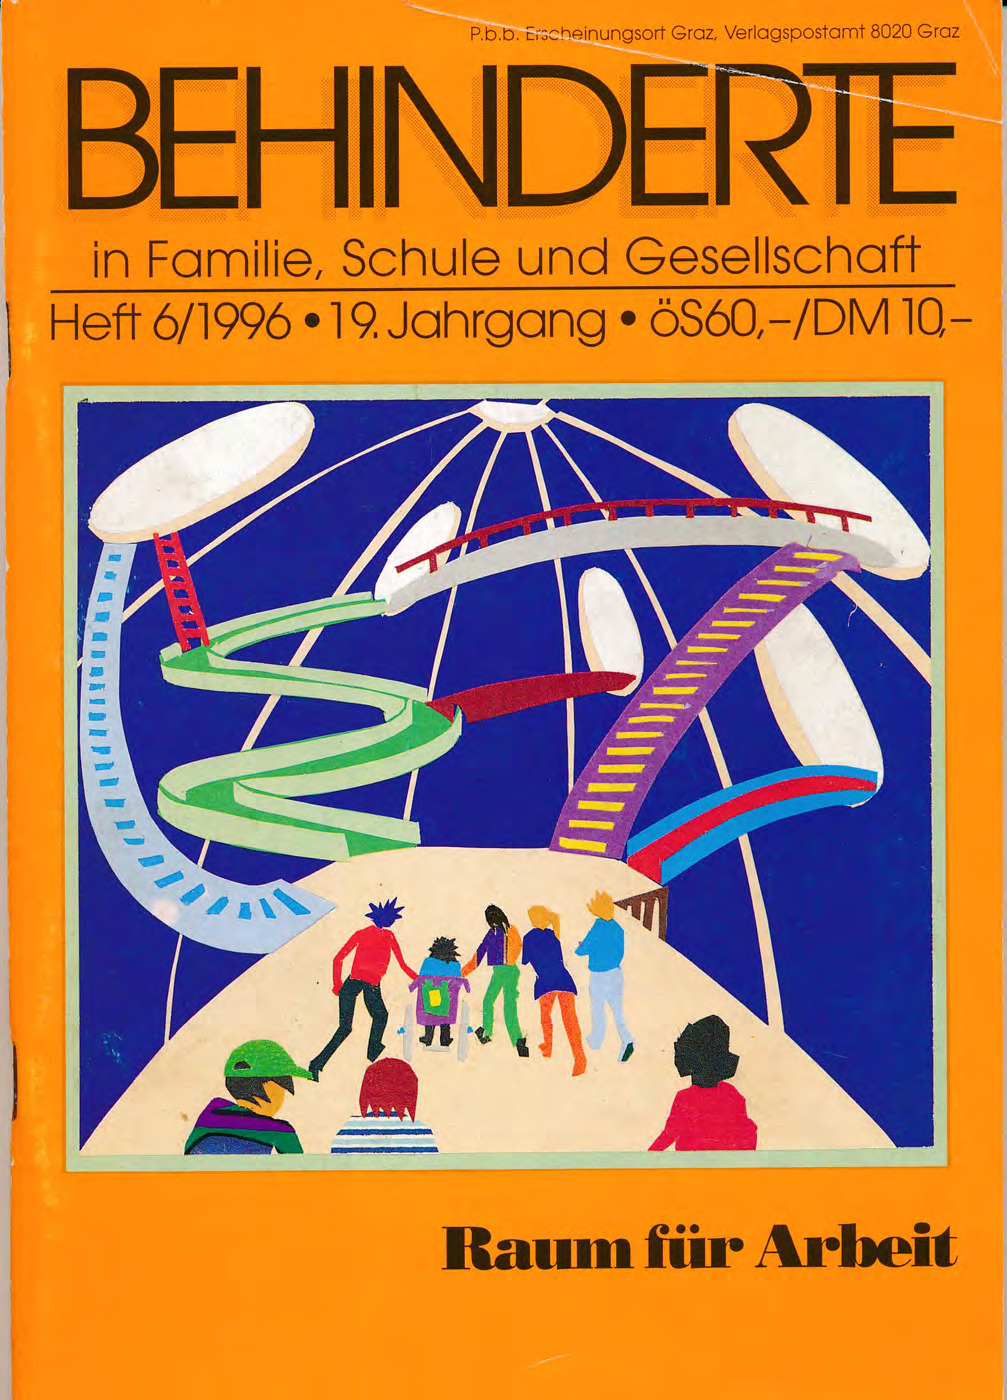 """Titelbild der Zeitschrift BEHINDERTE MENSCHEN, Ausgabe 6/1996 """"Raum für Arbeit"""""""